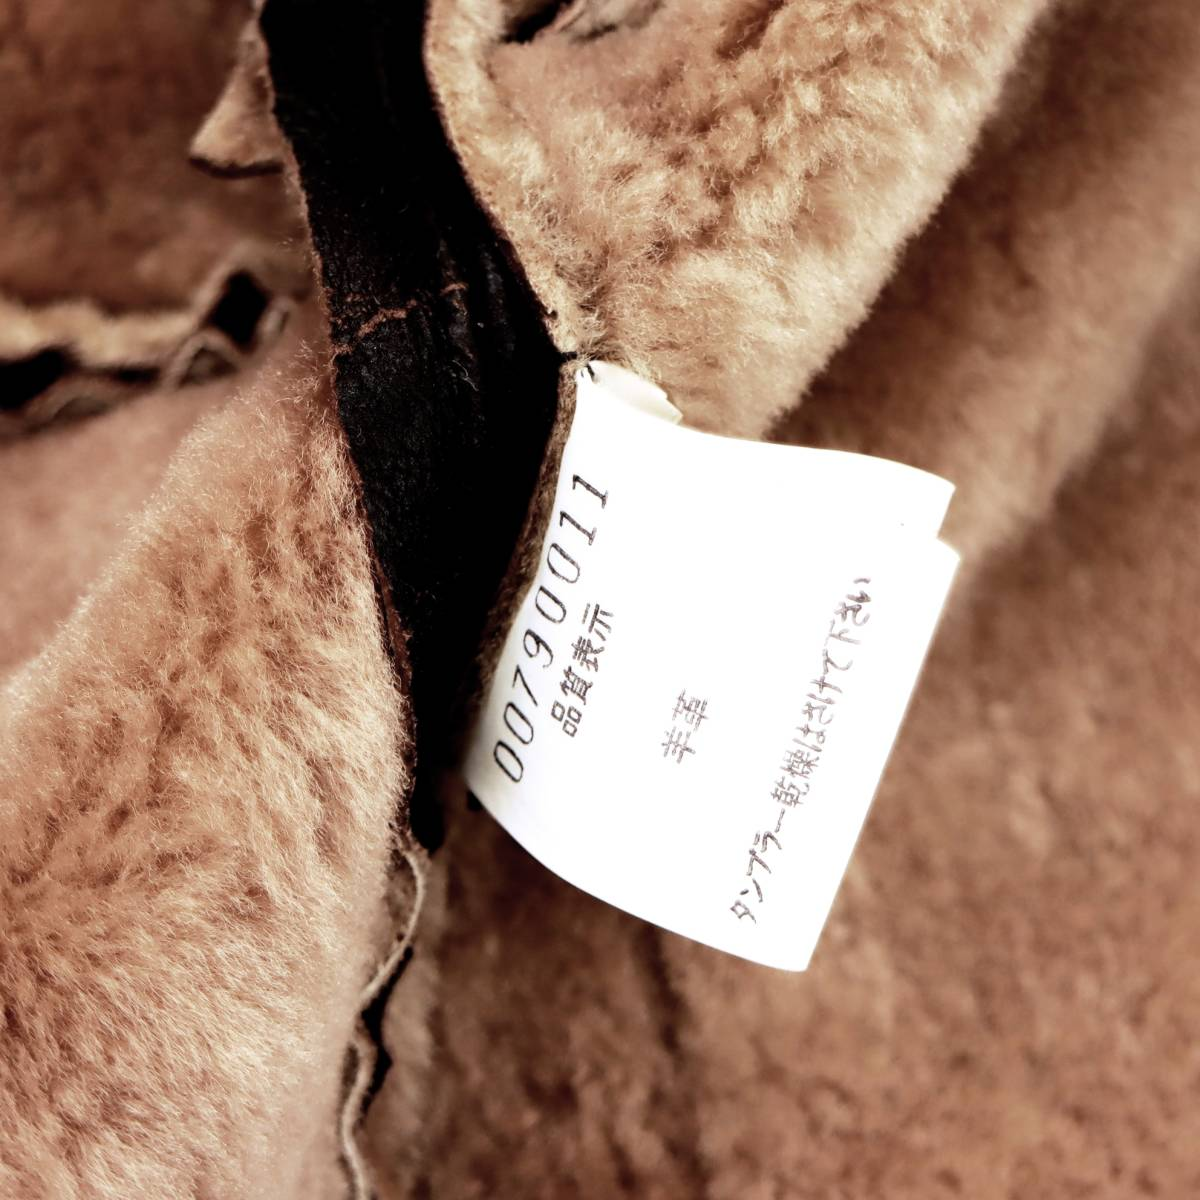 圧倒的クラス感◎「ABAHOUSE/アバハウス」最高級羊革総裏リアルムートン仕立て!別格のオーラ漂う◎ 大人の贅沢ムートンハーフコート 3 L_画像7